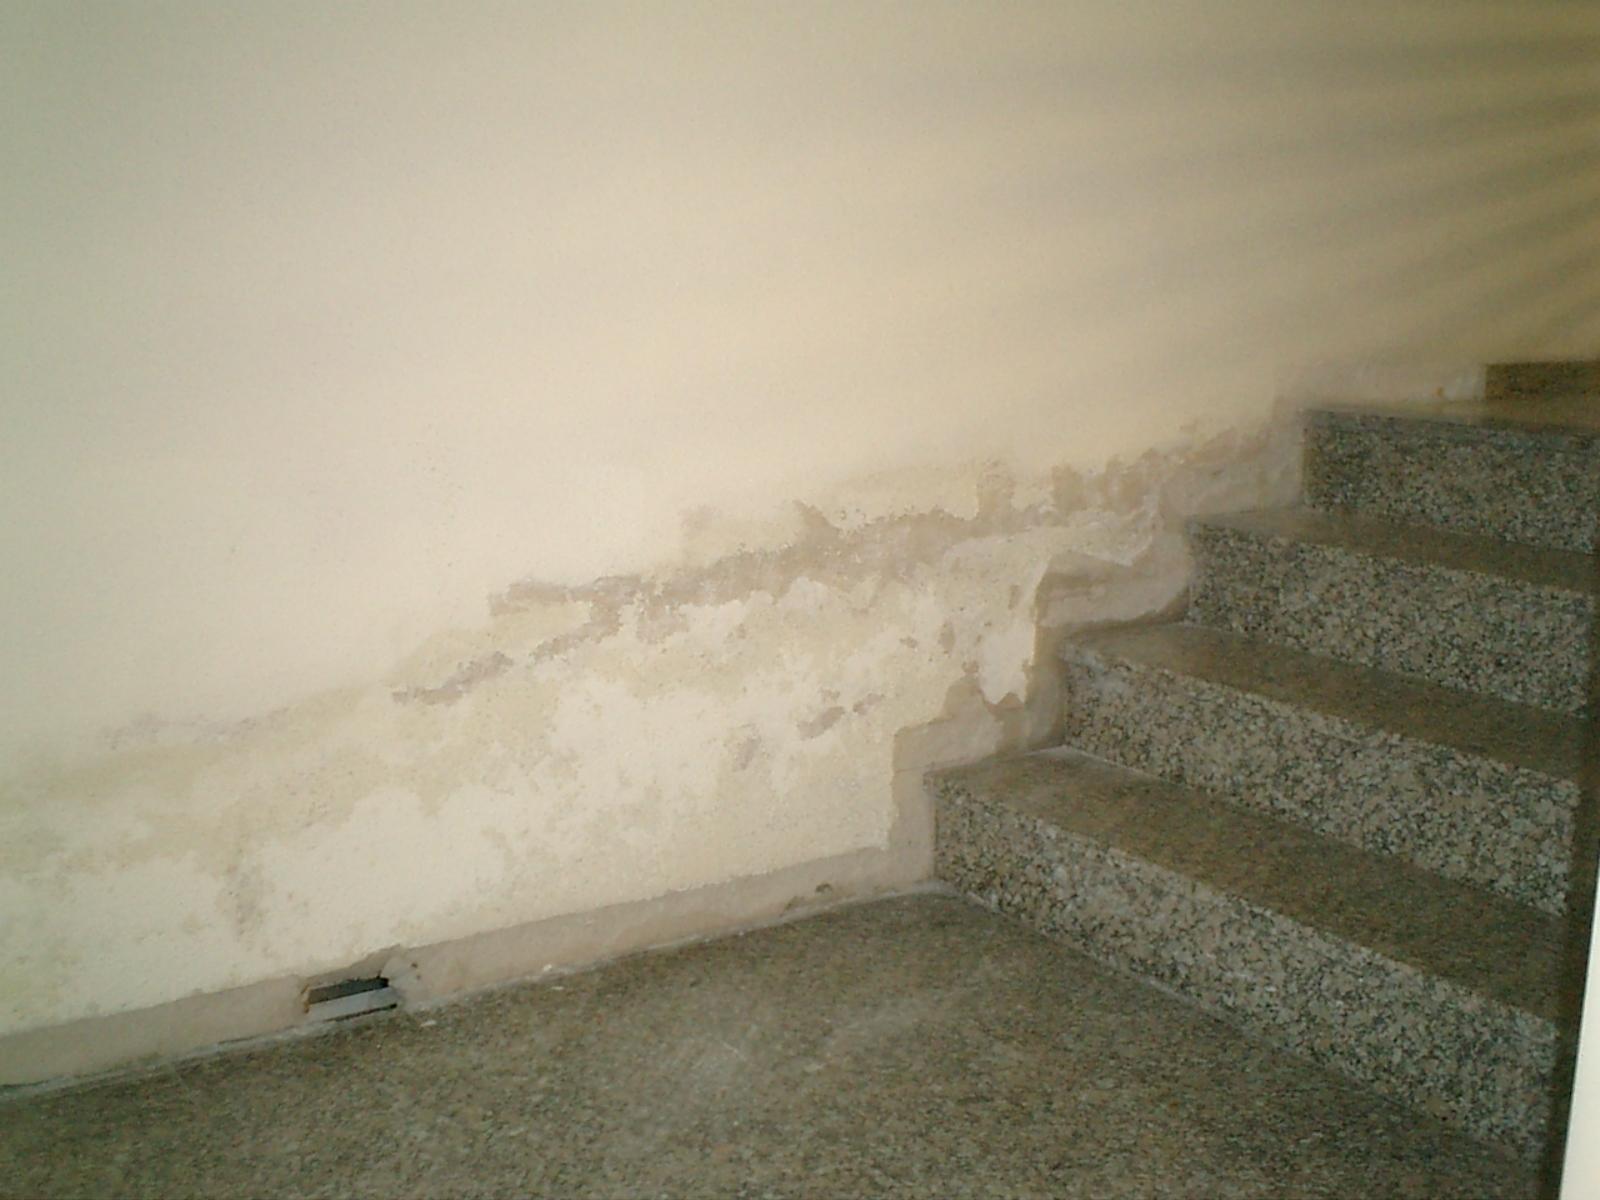 Humedades en paredes antes del tratamiento